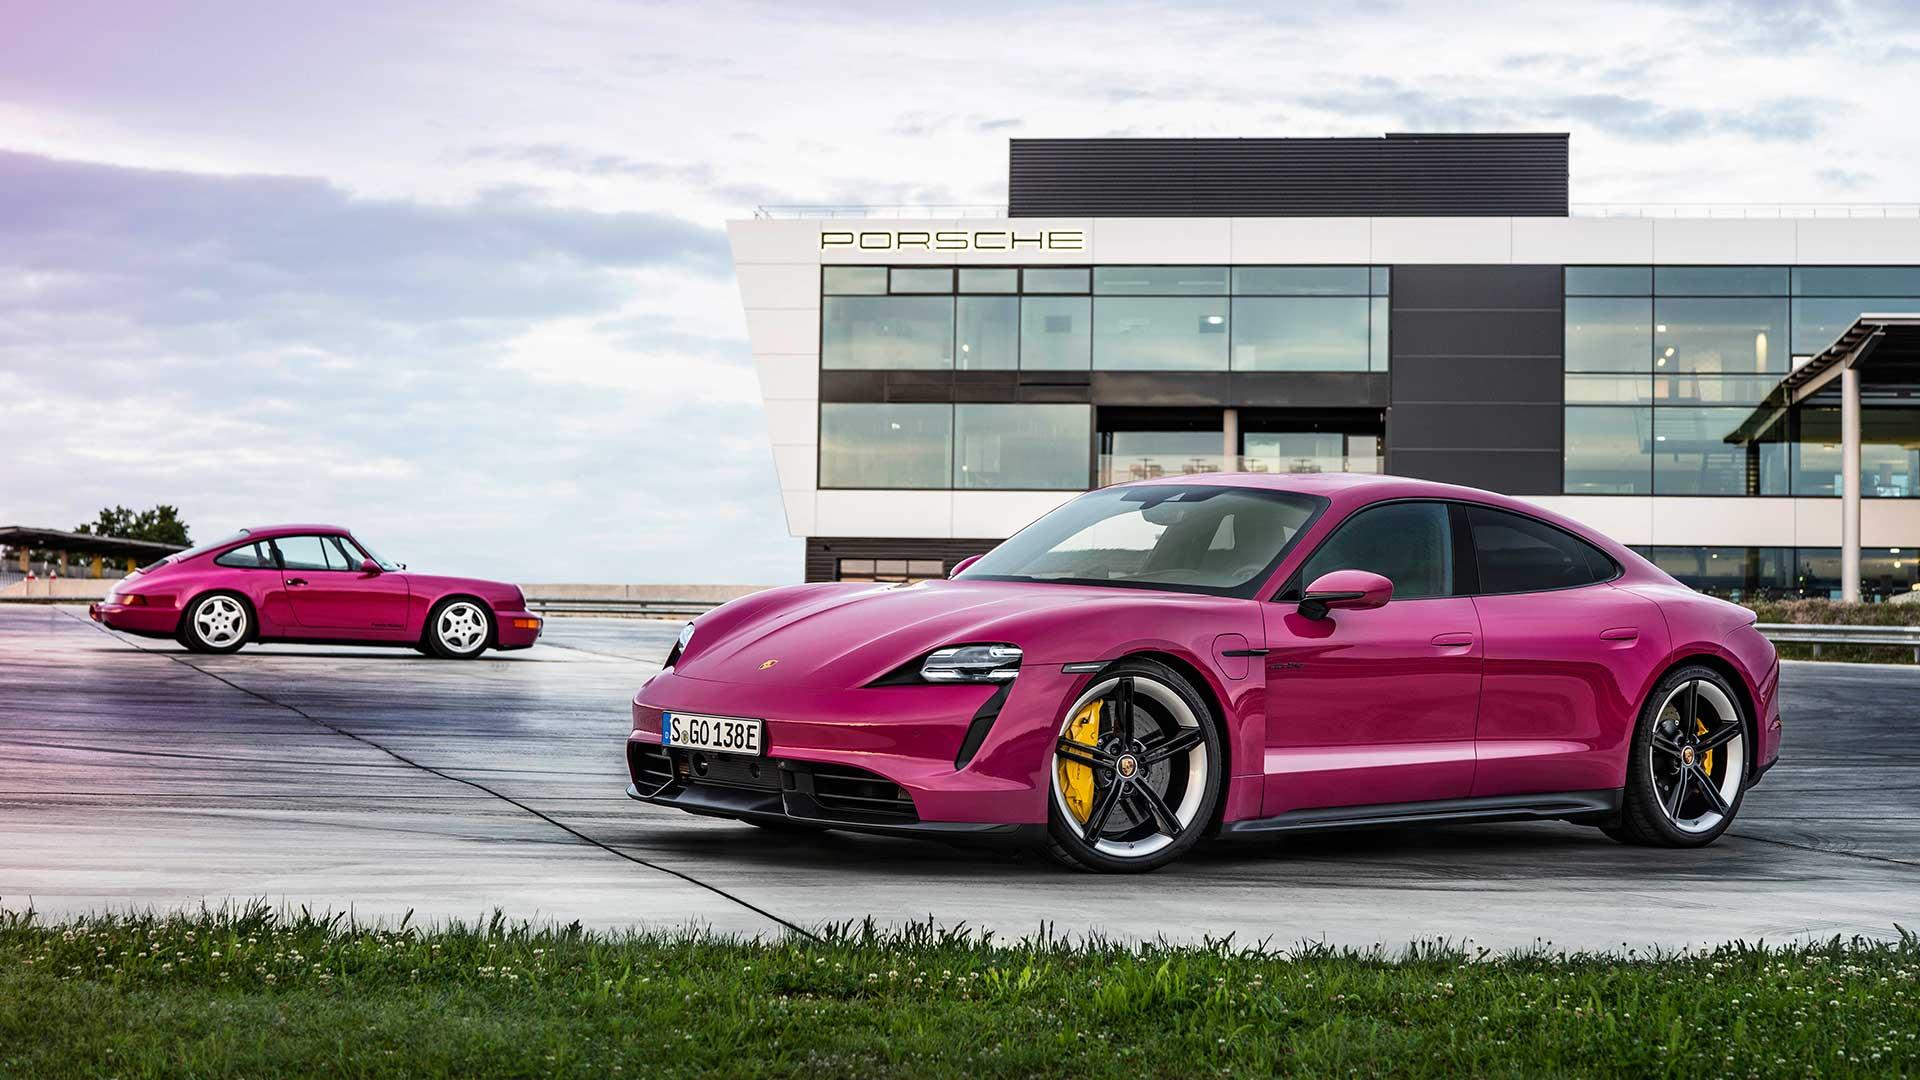 Porsche Taycan (2021) met de Porsche 911 Carrera RS (964) in Rubystar Rood